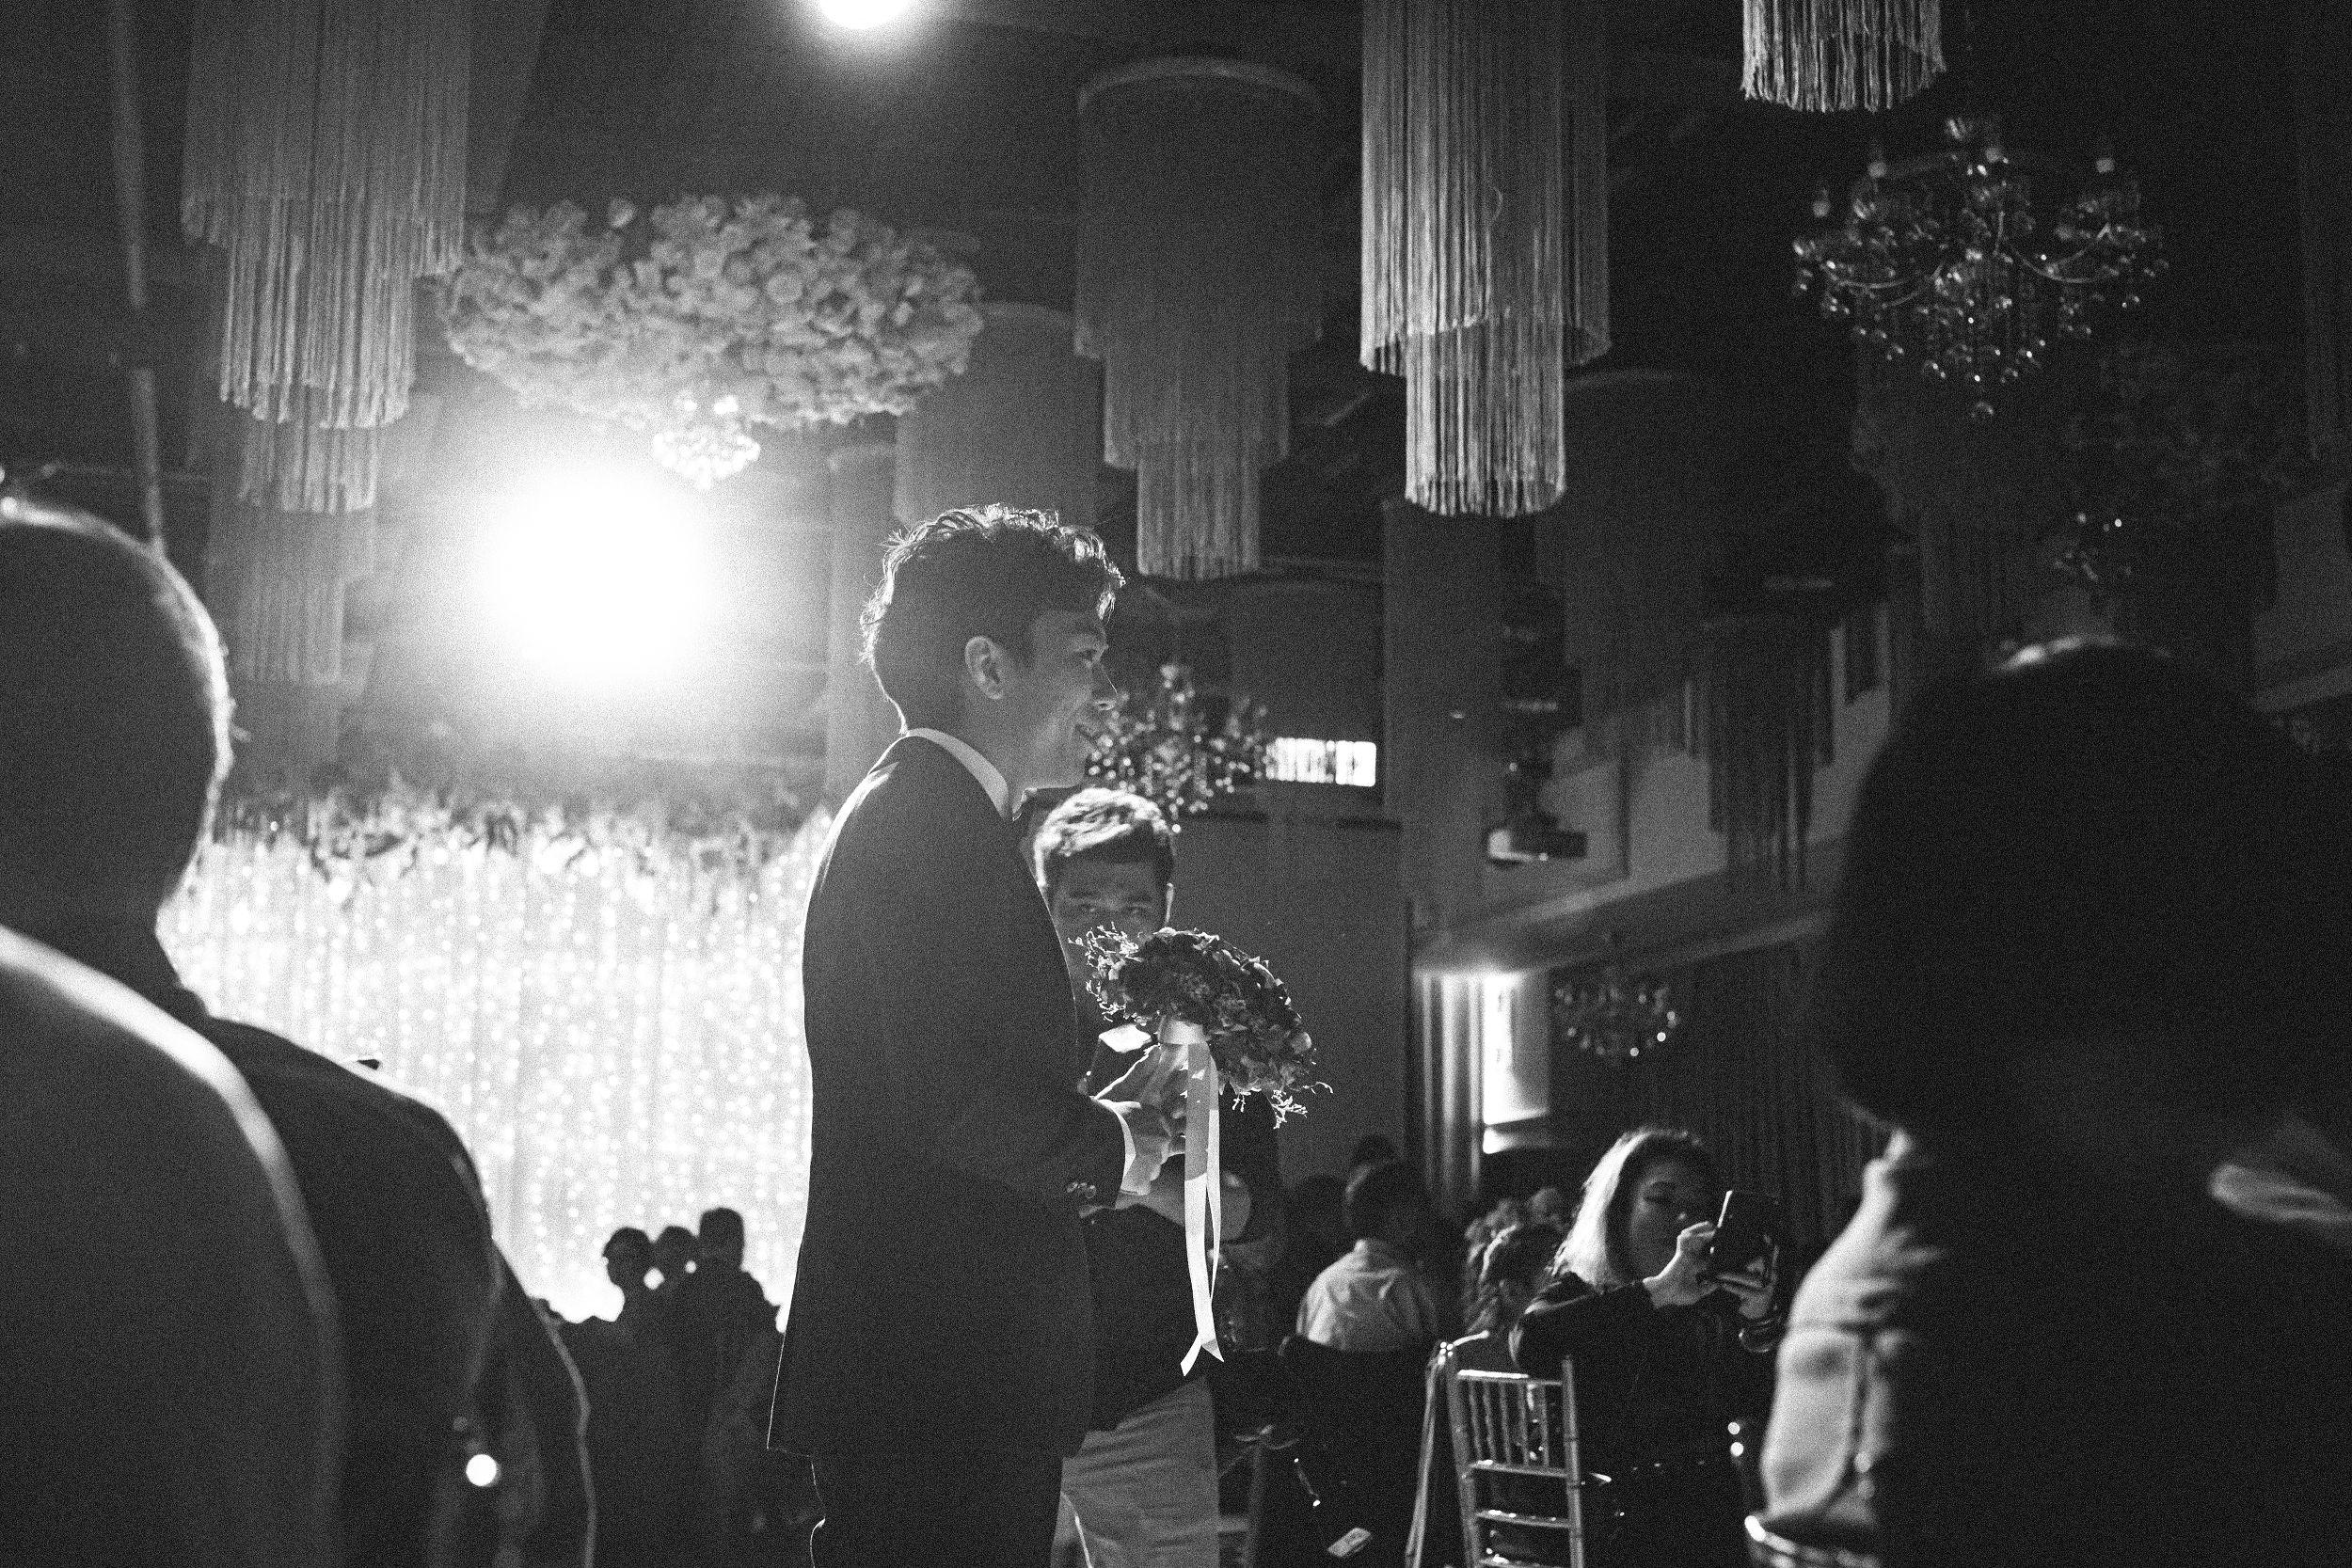 婚禮紀錄,婚禮攝影,婚攝,雙機攝影,儀式,宴客,闖關,民權晶宴會館,民權16,香榭玫瑰園,類婚紗,新秘,造型師,新娘物語推薦,風雲20,晶宴會館,雙人徐造型,奉茶,高矮椅,金飾